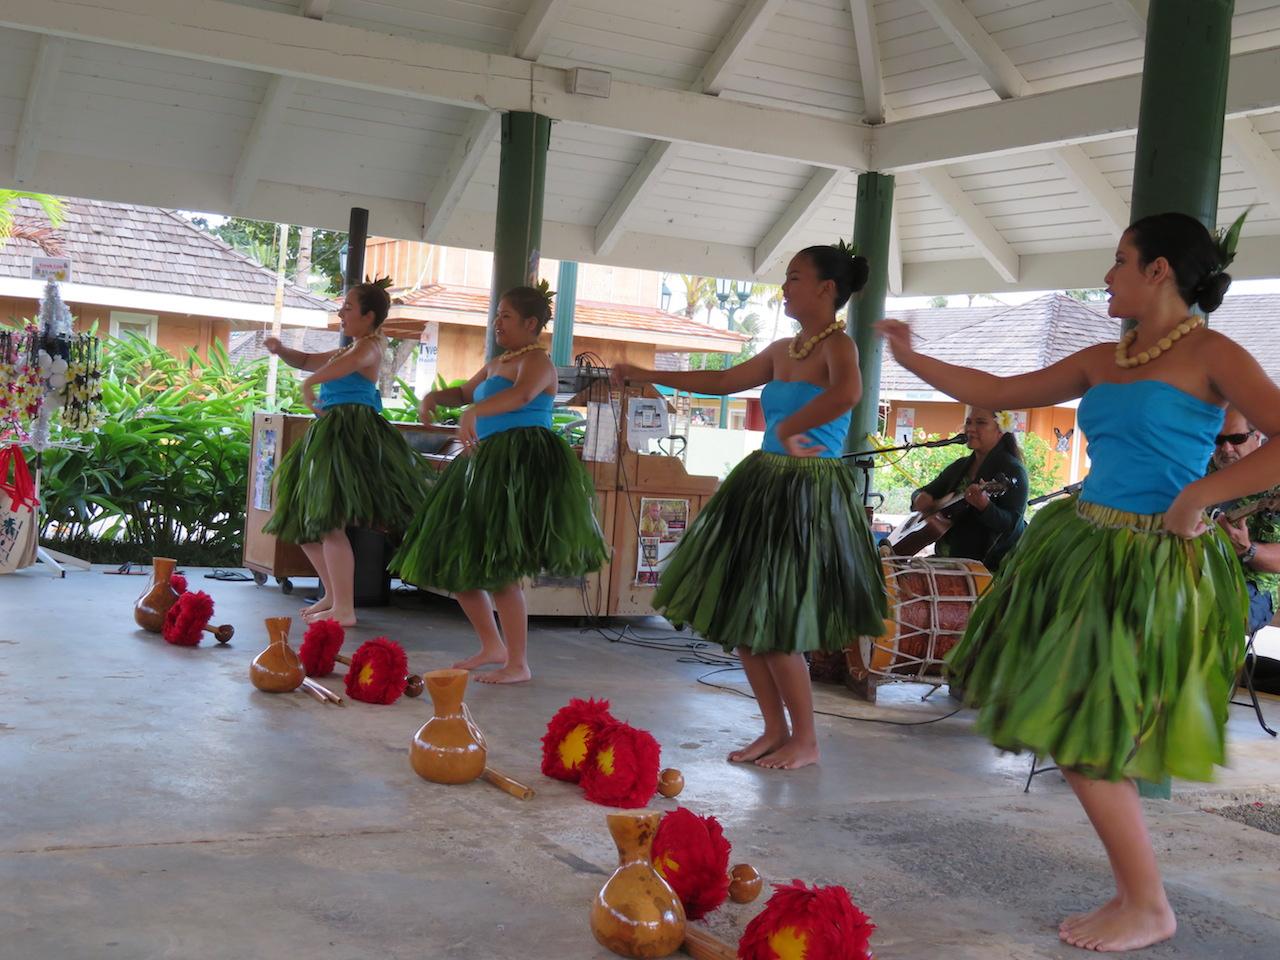 Hula dancers in Kapaa